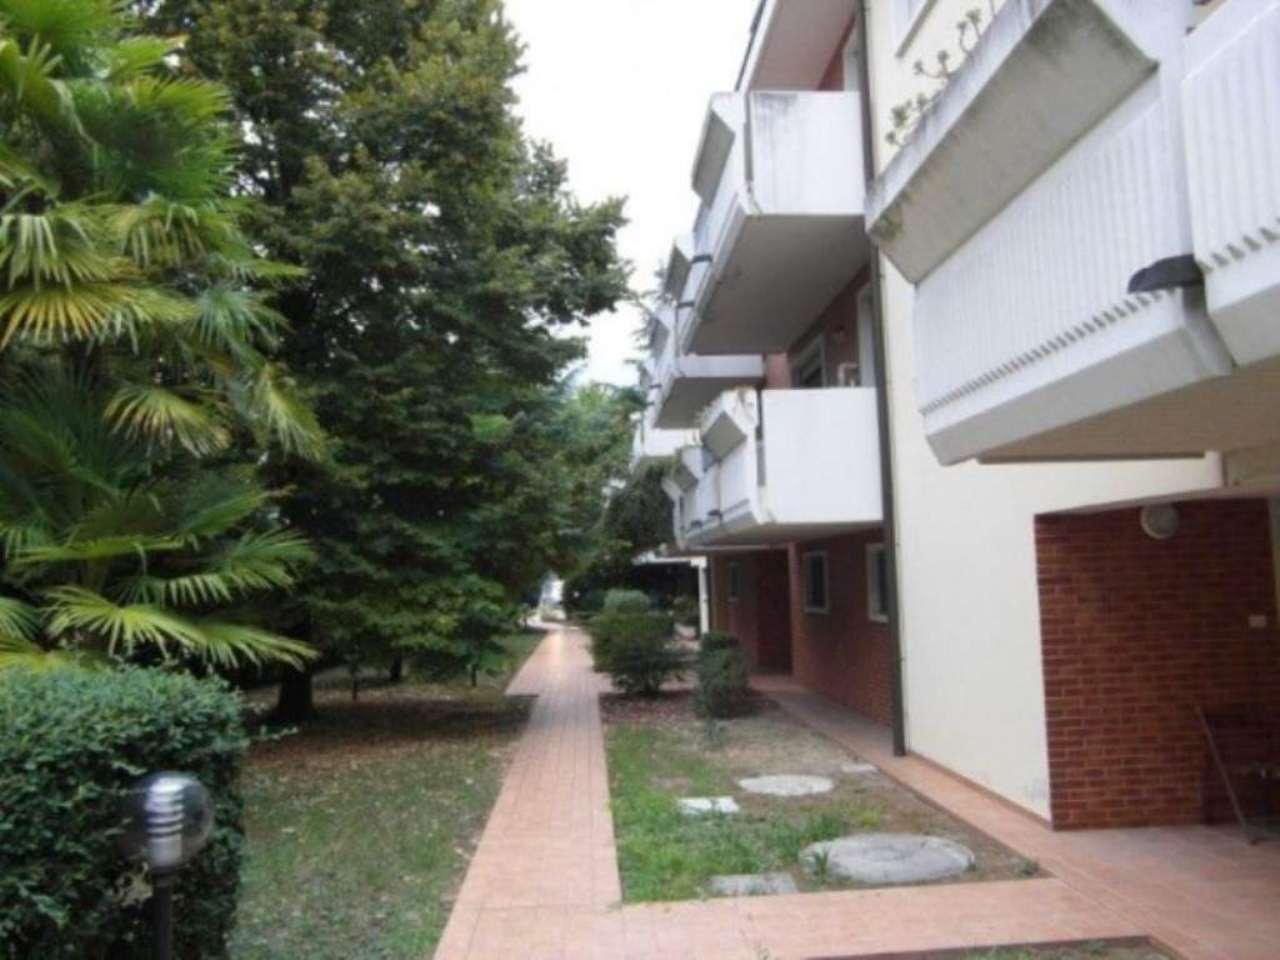 Attico / Mansarda in vendita a Padova, 6 locali, zona Zona: 4 . Sud-Est (S.Croce-S. Osvaldo, Bassanello-Voltabarozzo), prezzo € 730.000 | Cambio Casa.it